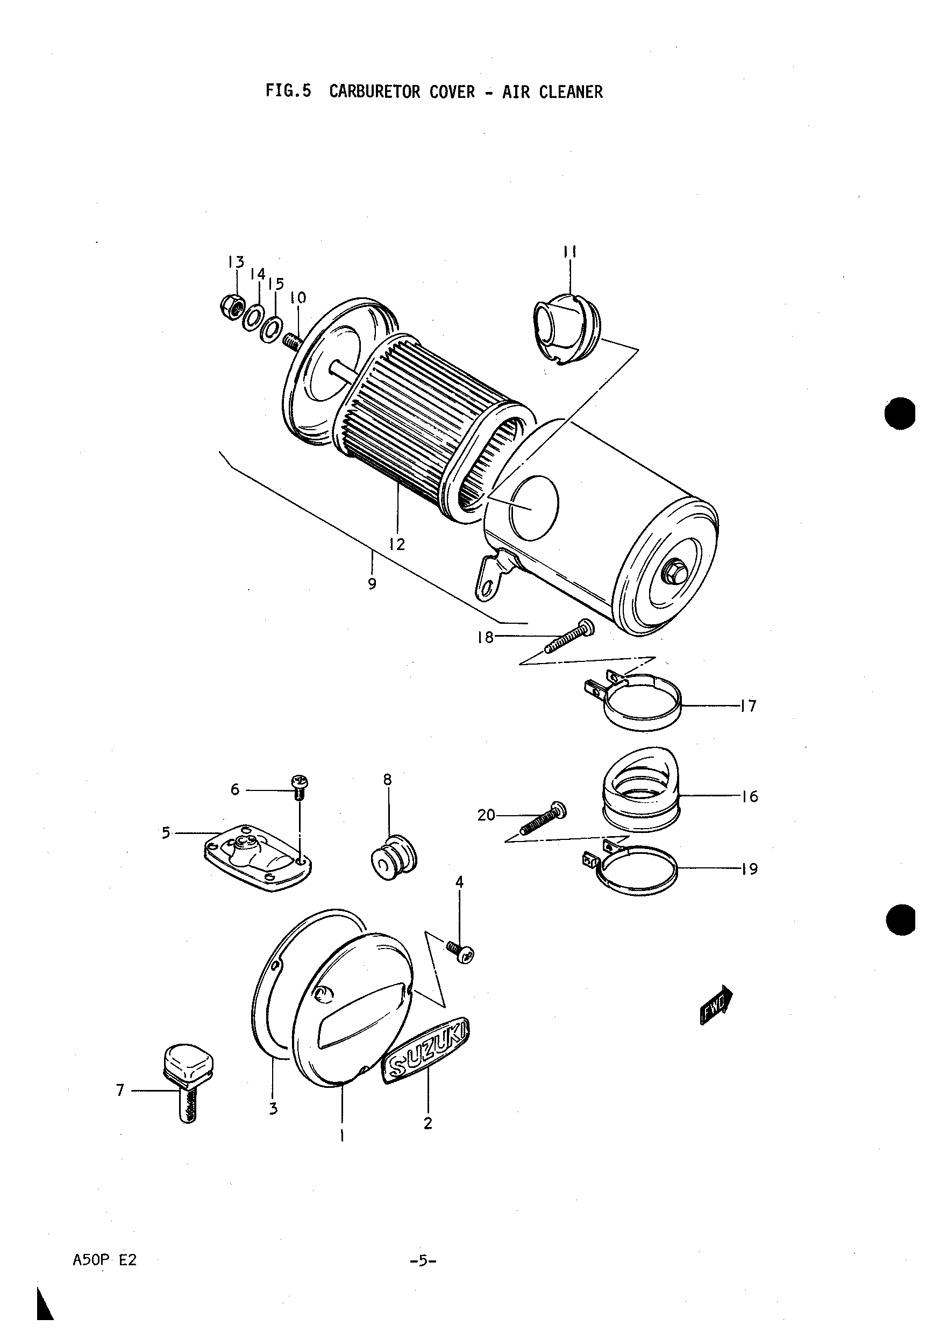 Genuine Suzuki A50P (AP50) Carburetor Cover Air Cleaner